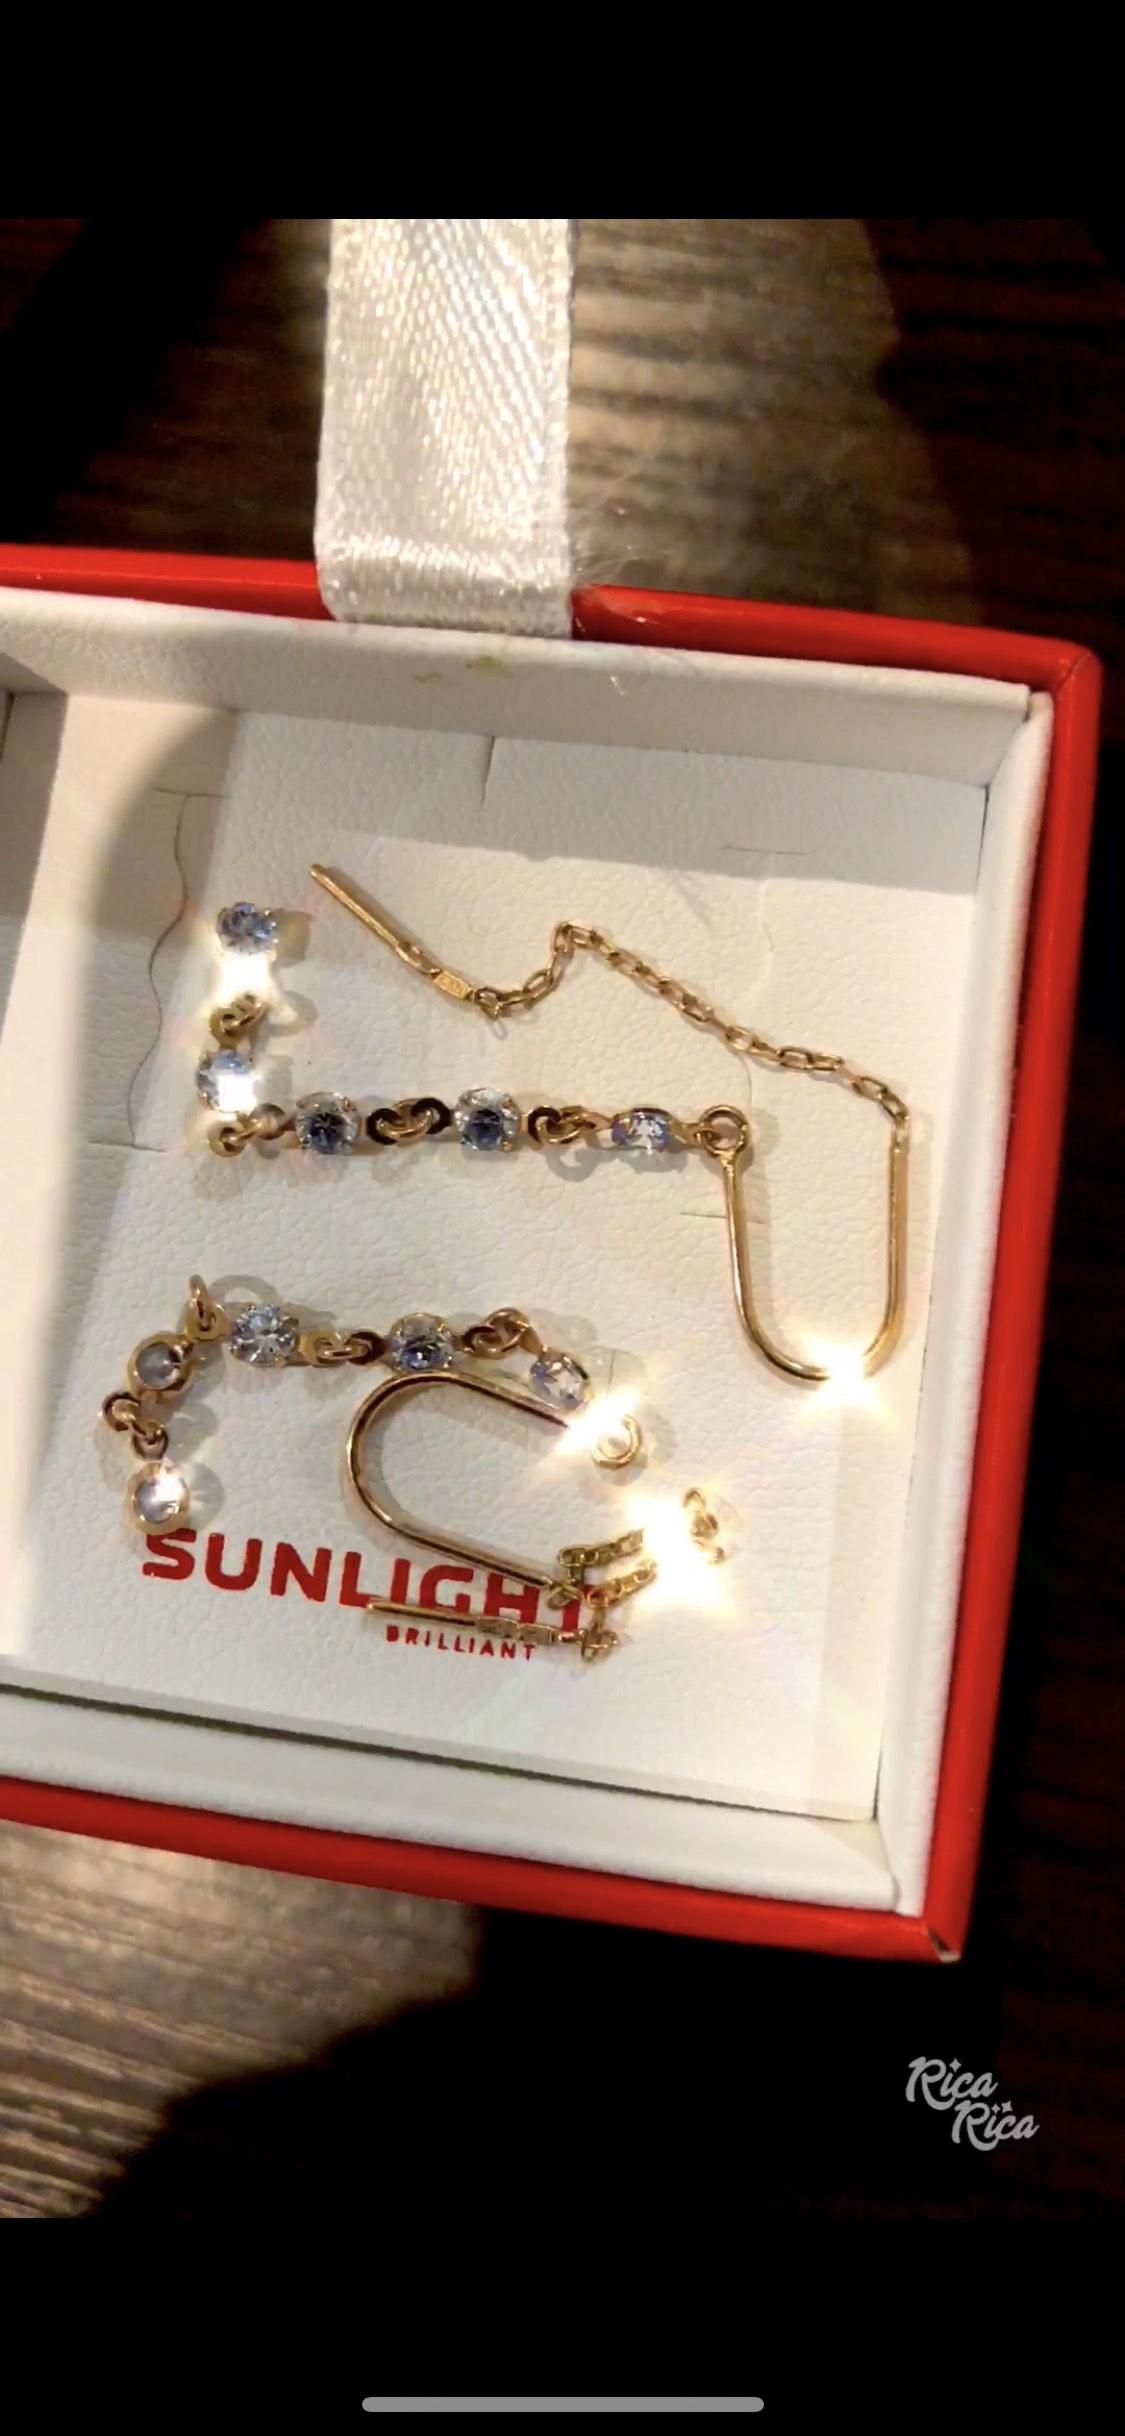 Красивые сережки за доступные деньги!)